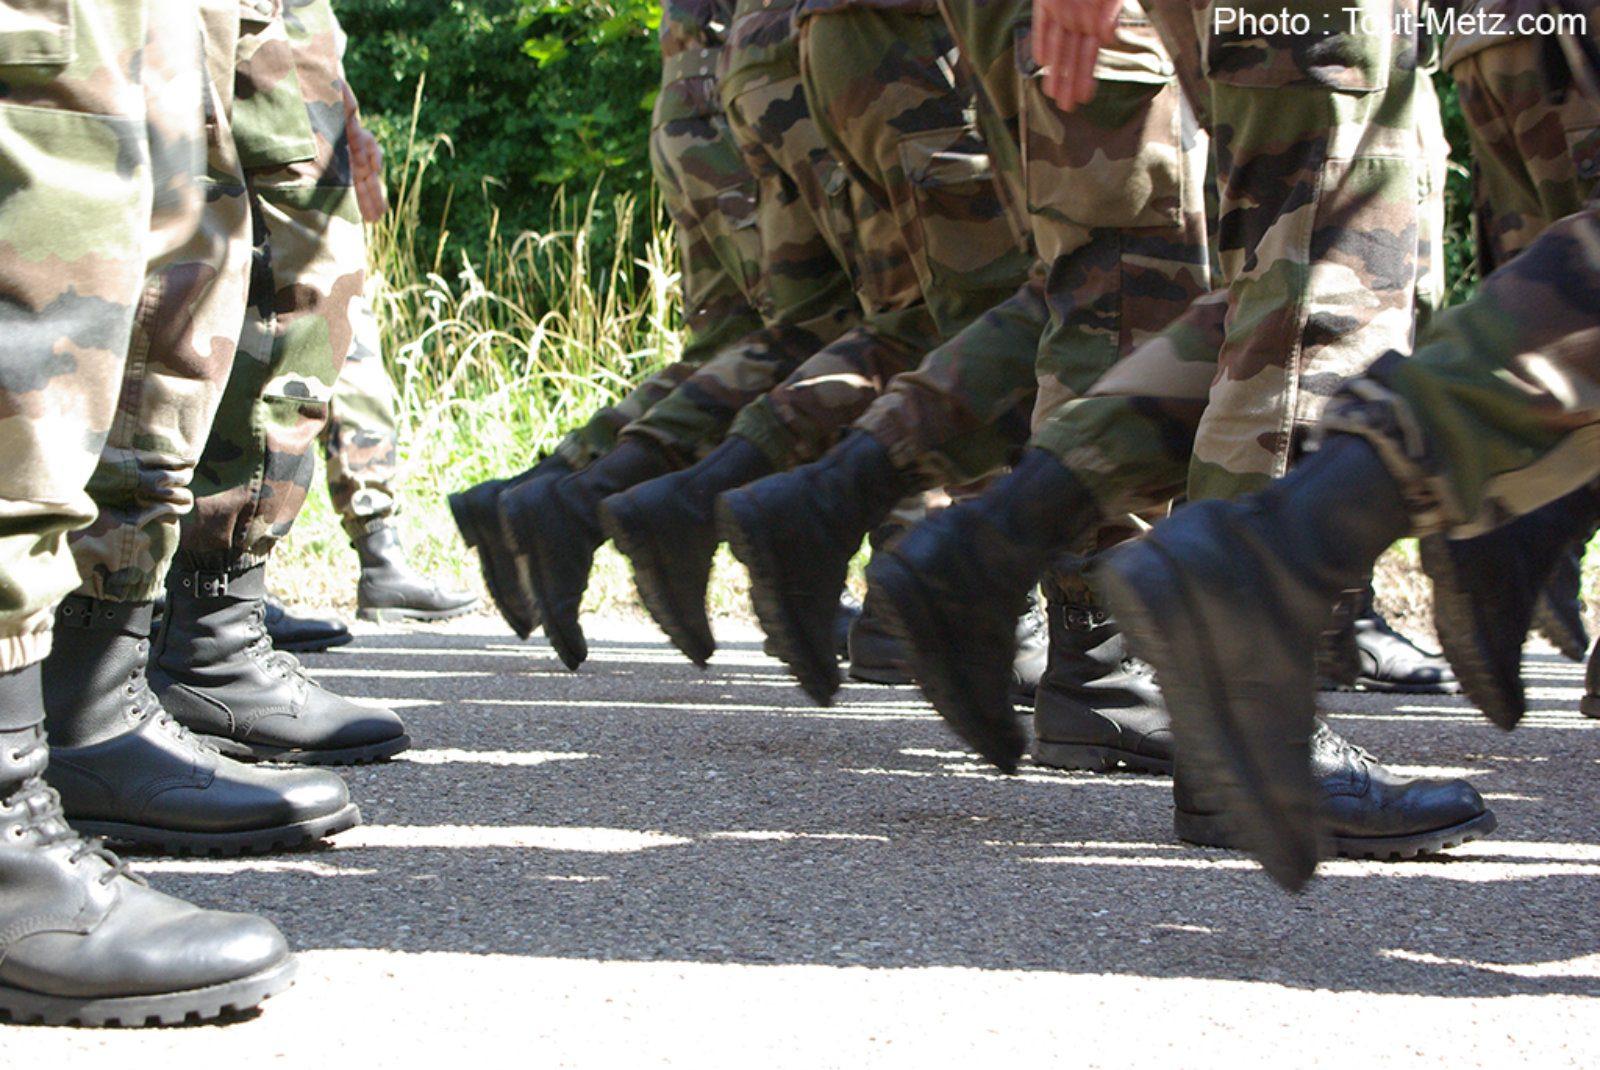 Metz : 120 militaires vont rejoindre les rangs de l'armée de terre